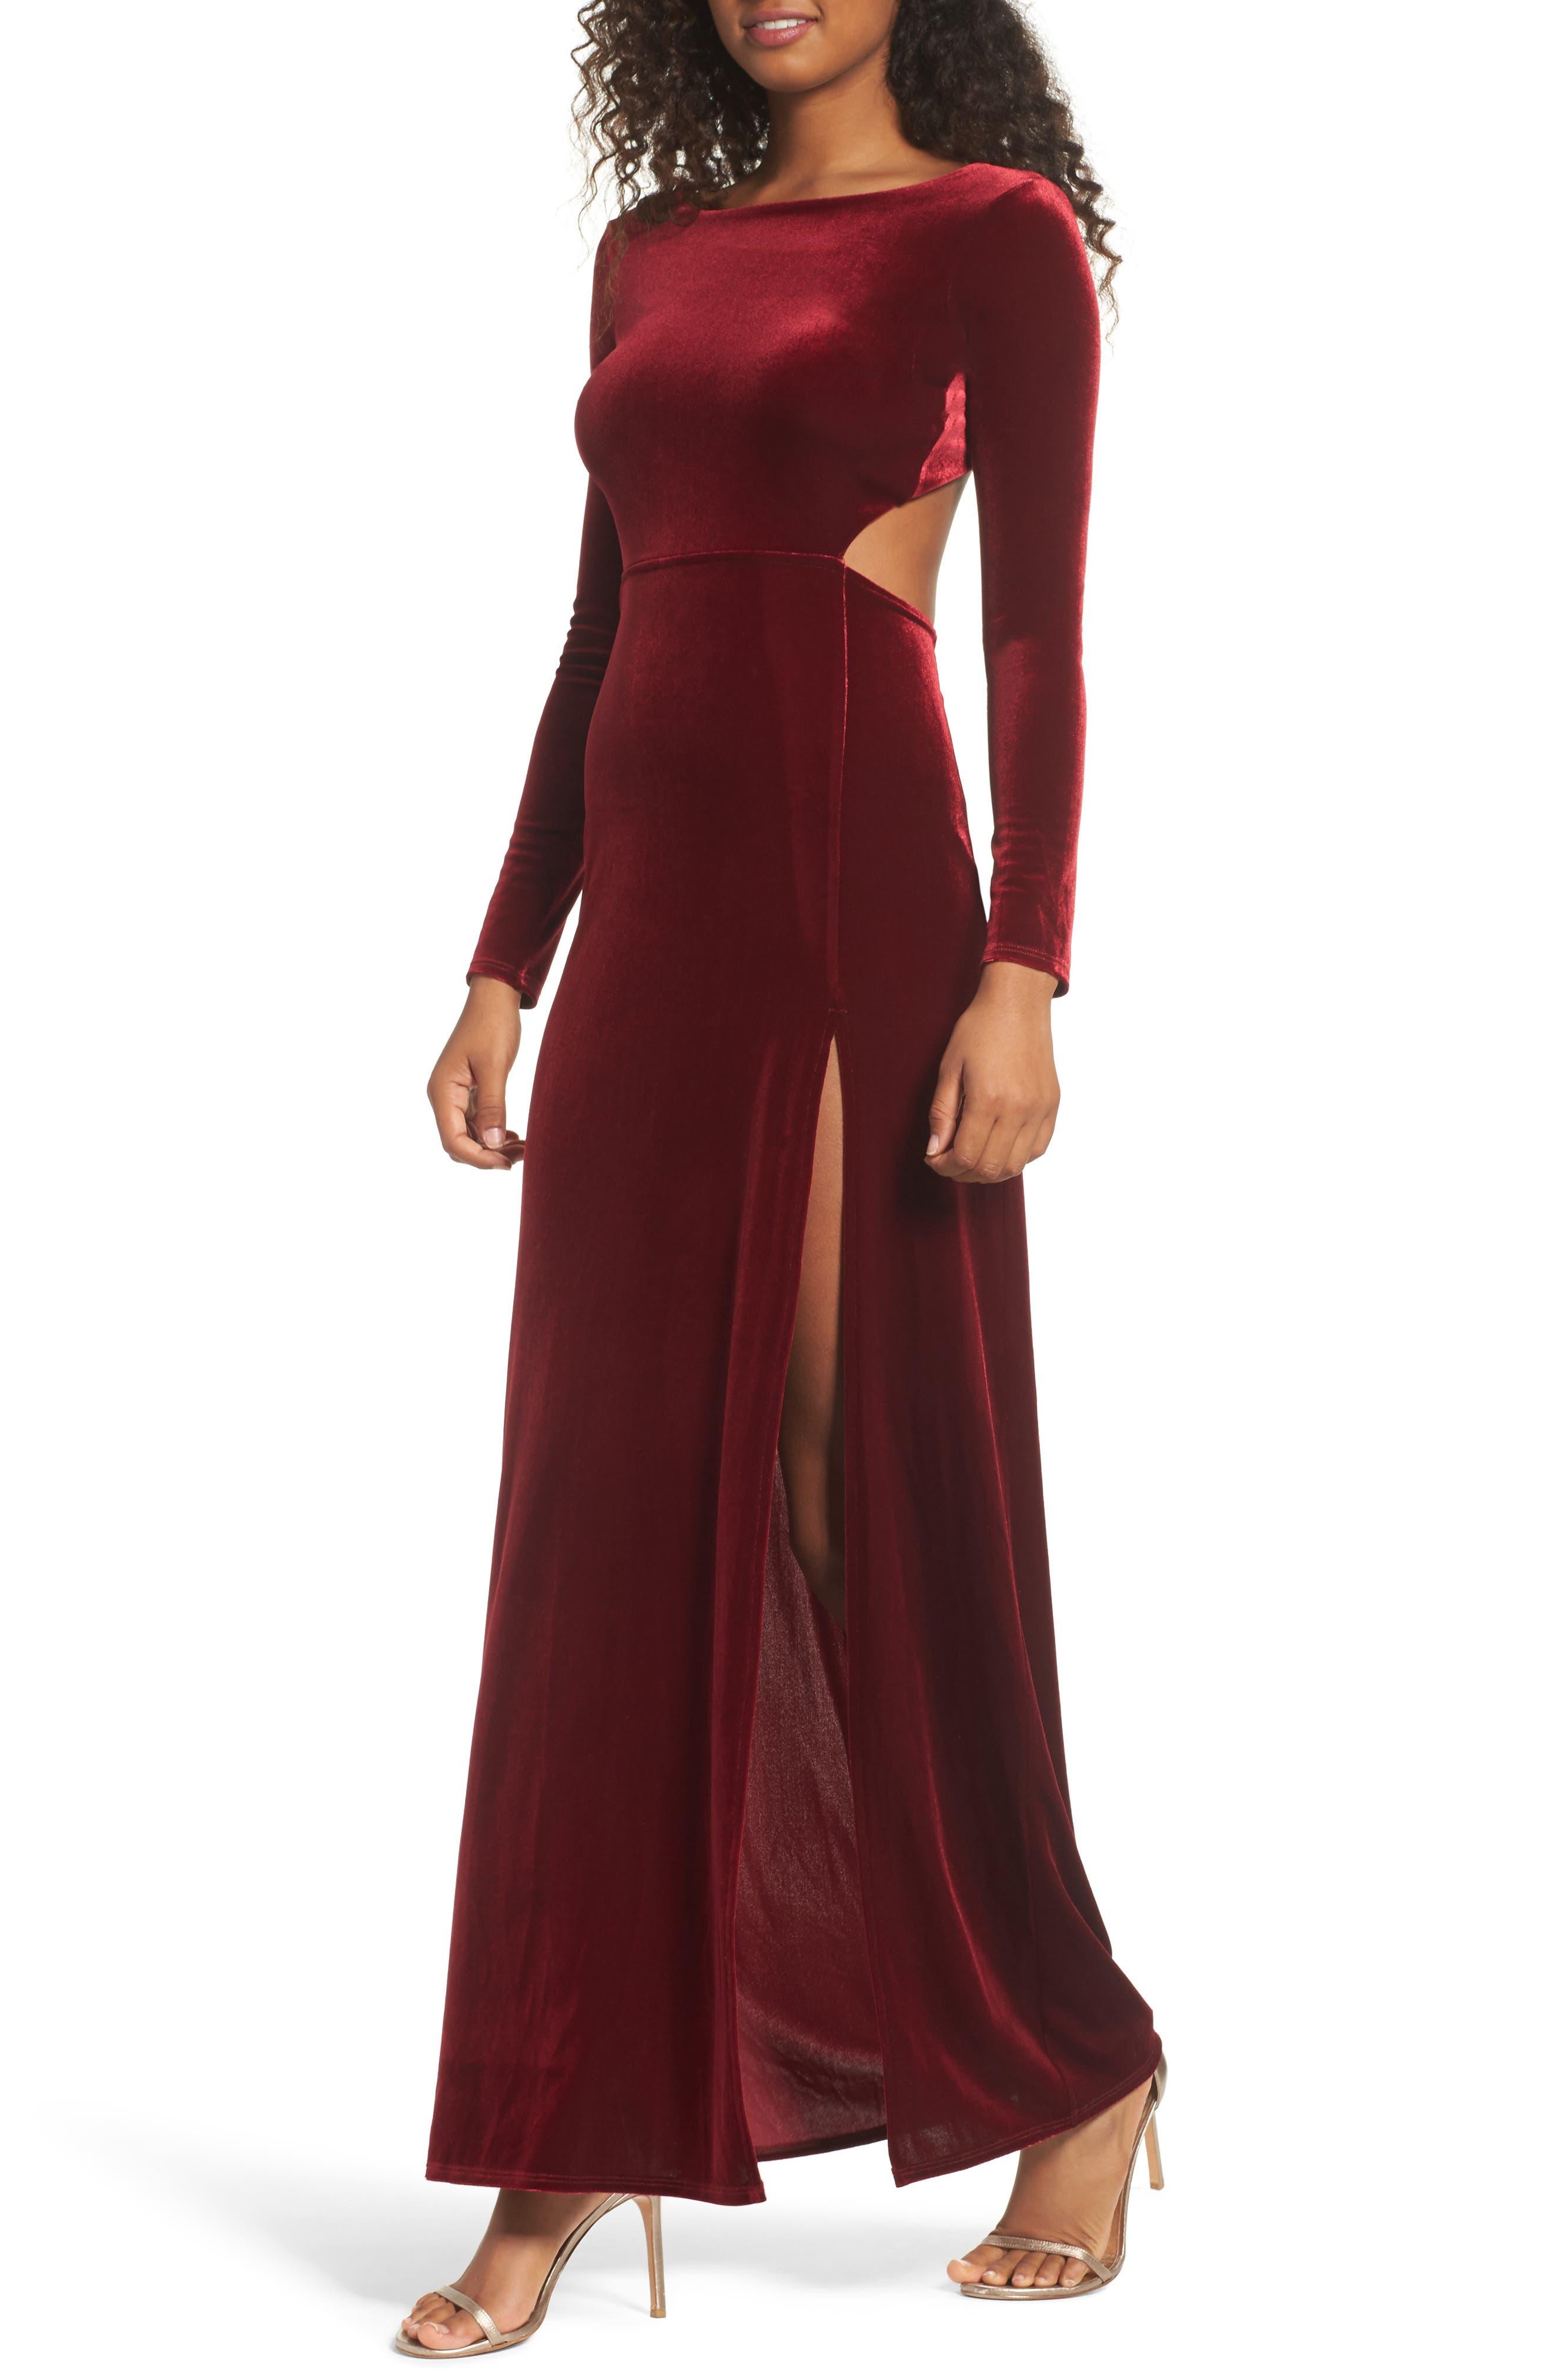 Besame Long Sleeve Velvet Maxi Dress,                             Main thumbnail 1, color,                             Burgundy